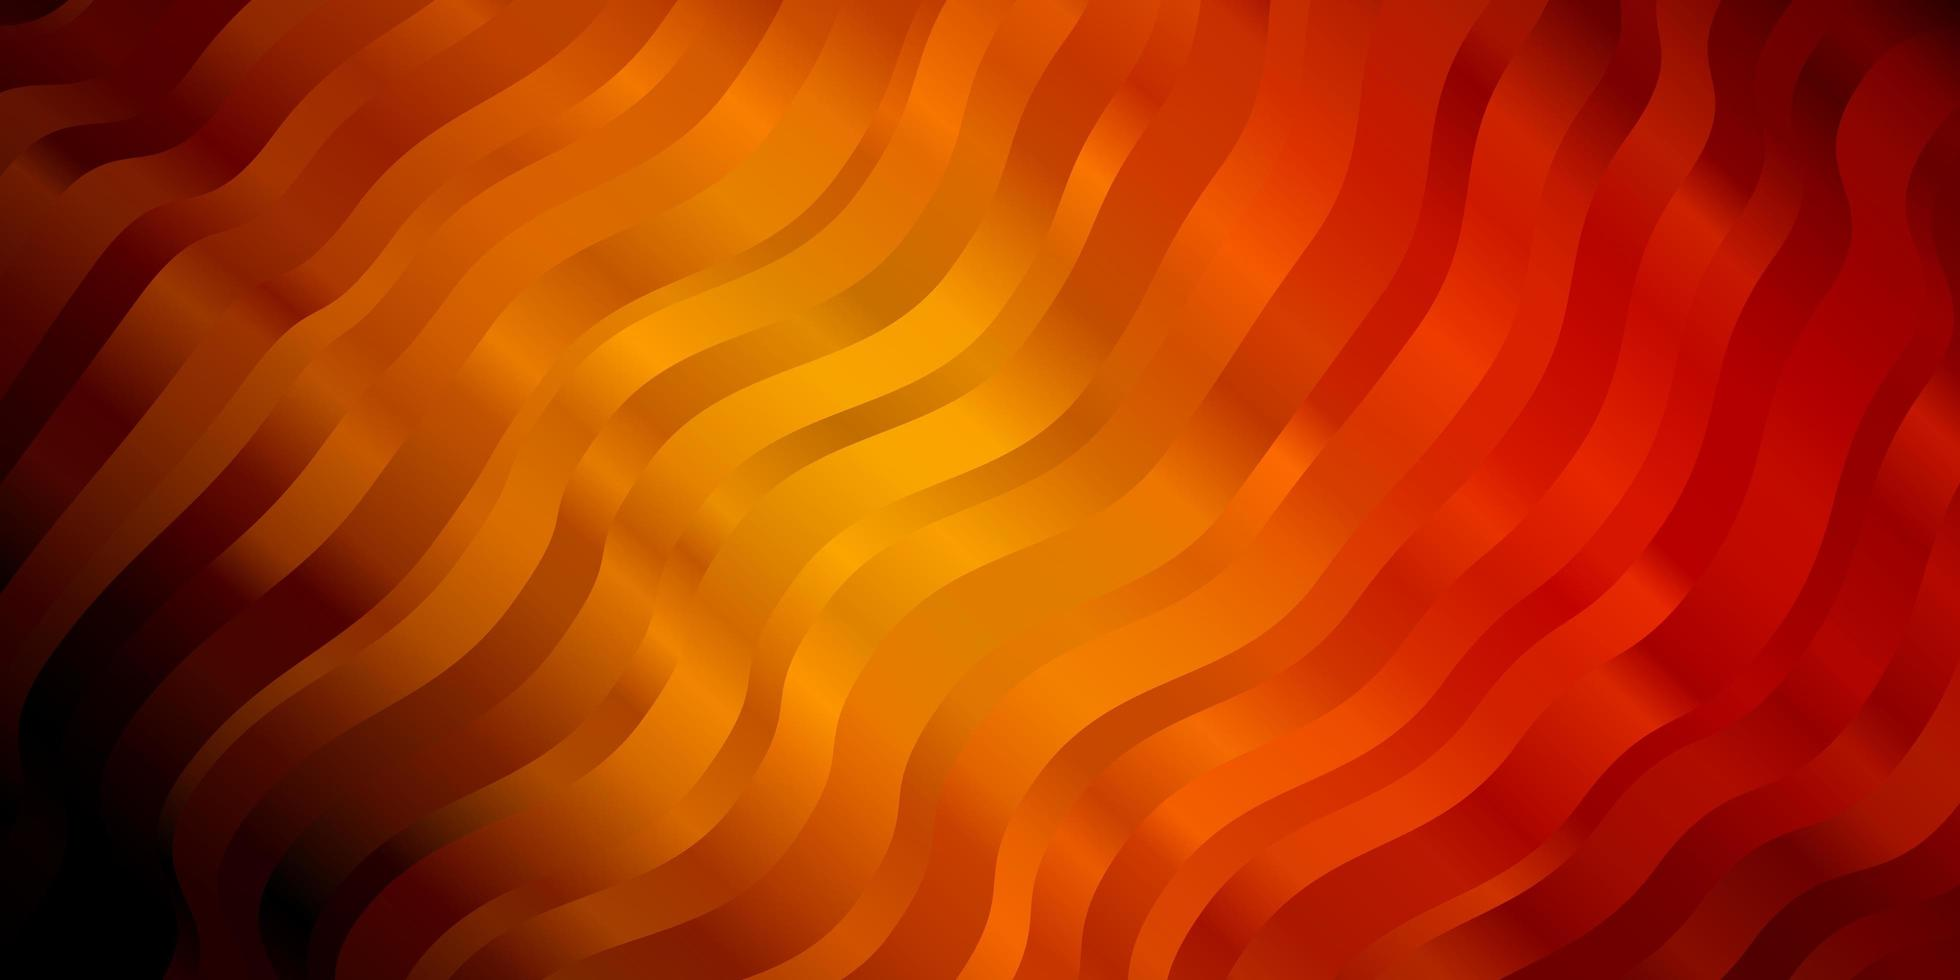 modèle vectoriel orange foncé avec des lignes ironiques.